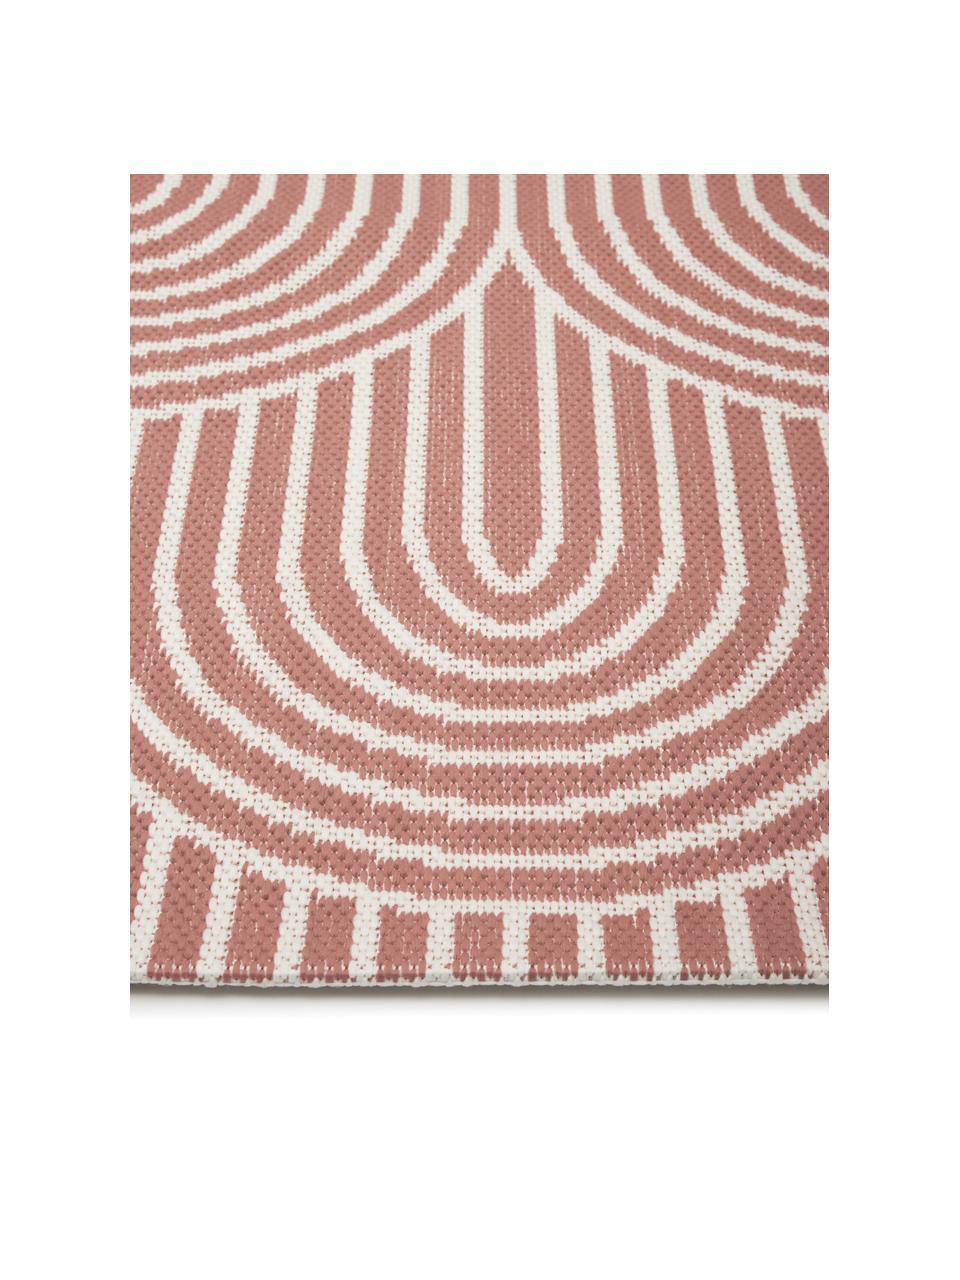 In- & Outdoorläufer Arches in Koralle/Cremeweiß, 86% Polypropylen, 14% Polyester, Rot, Weiß, 80 x 250 cm